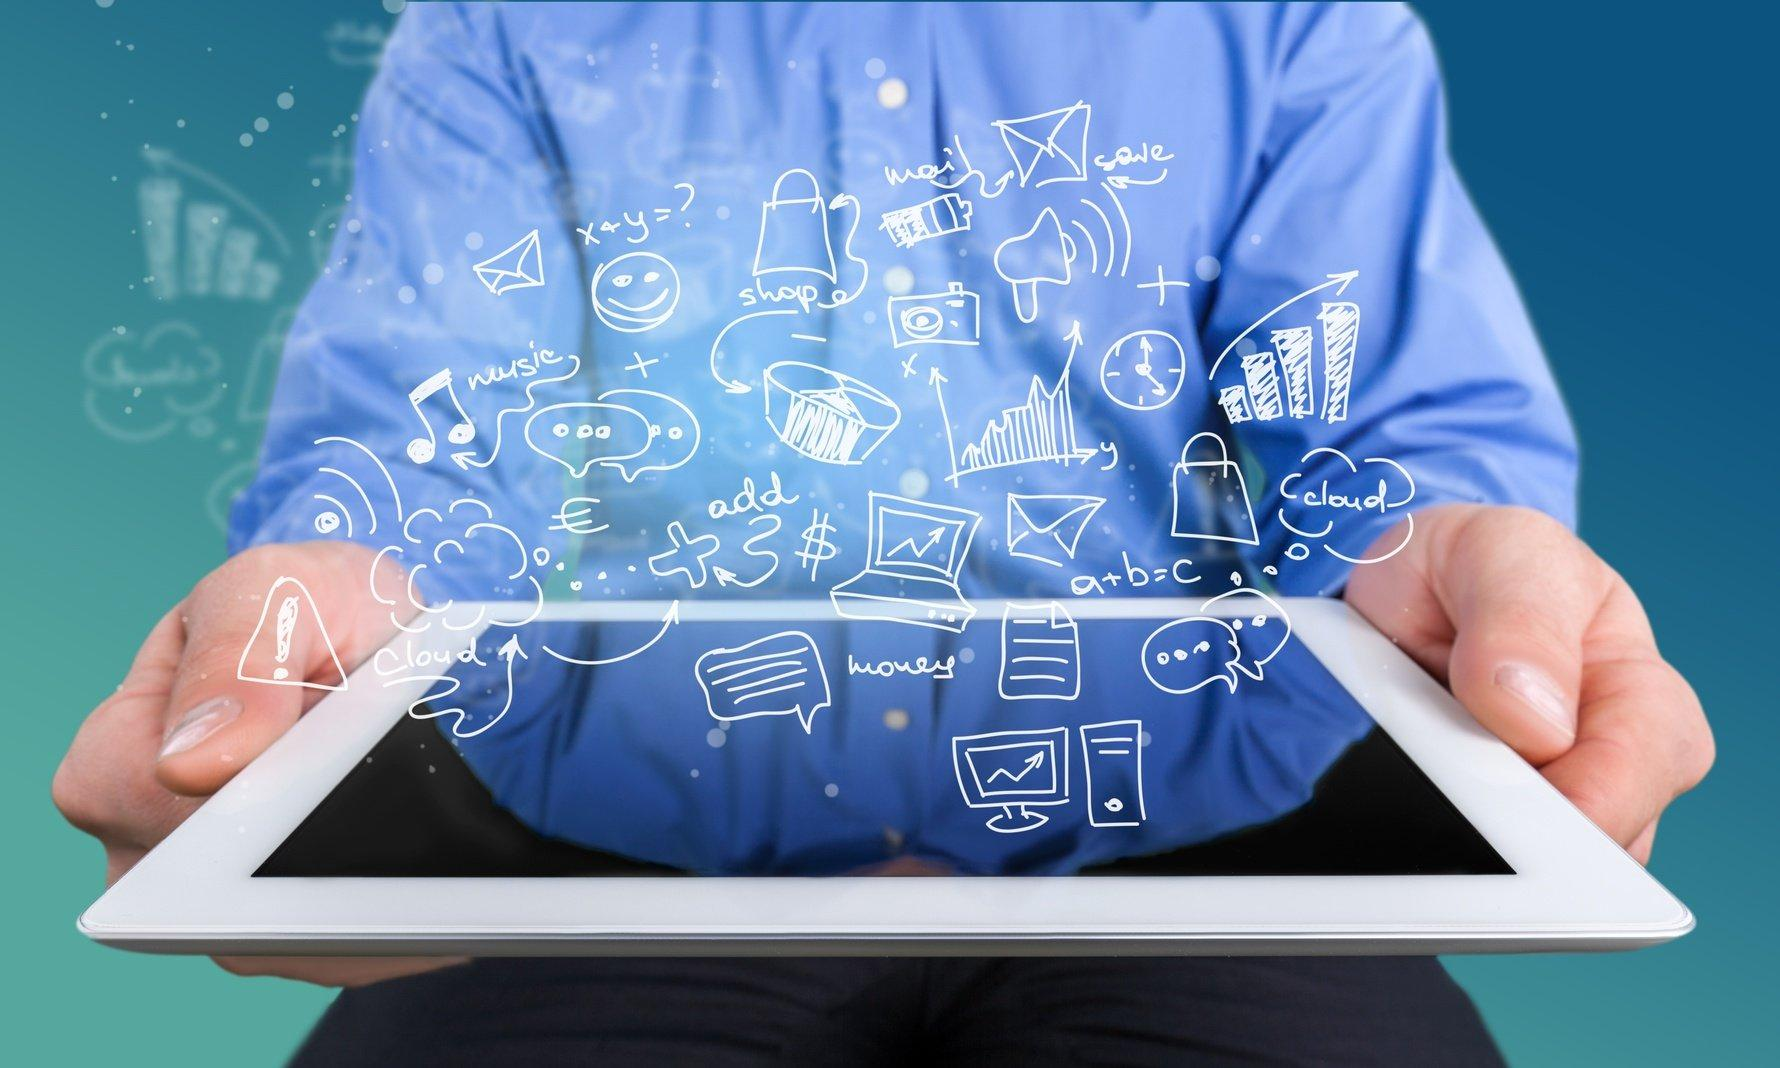 Come proteggere i dati sensibili dei tuoi clienti e la tua azienda